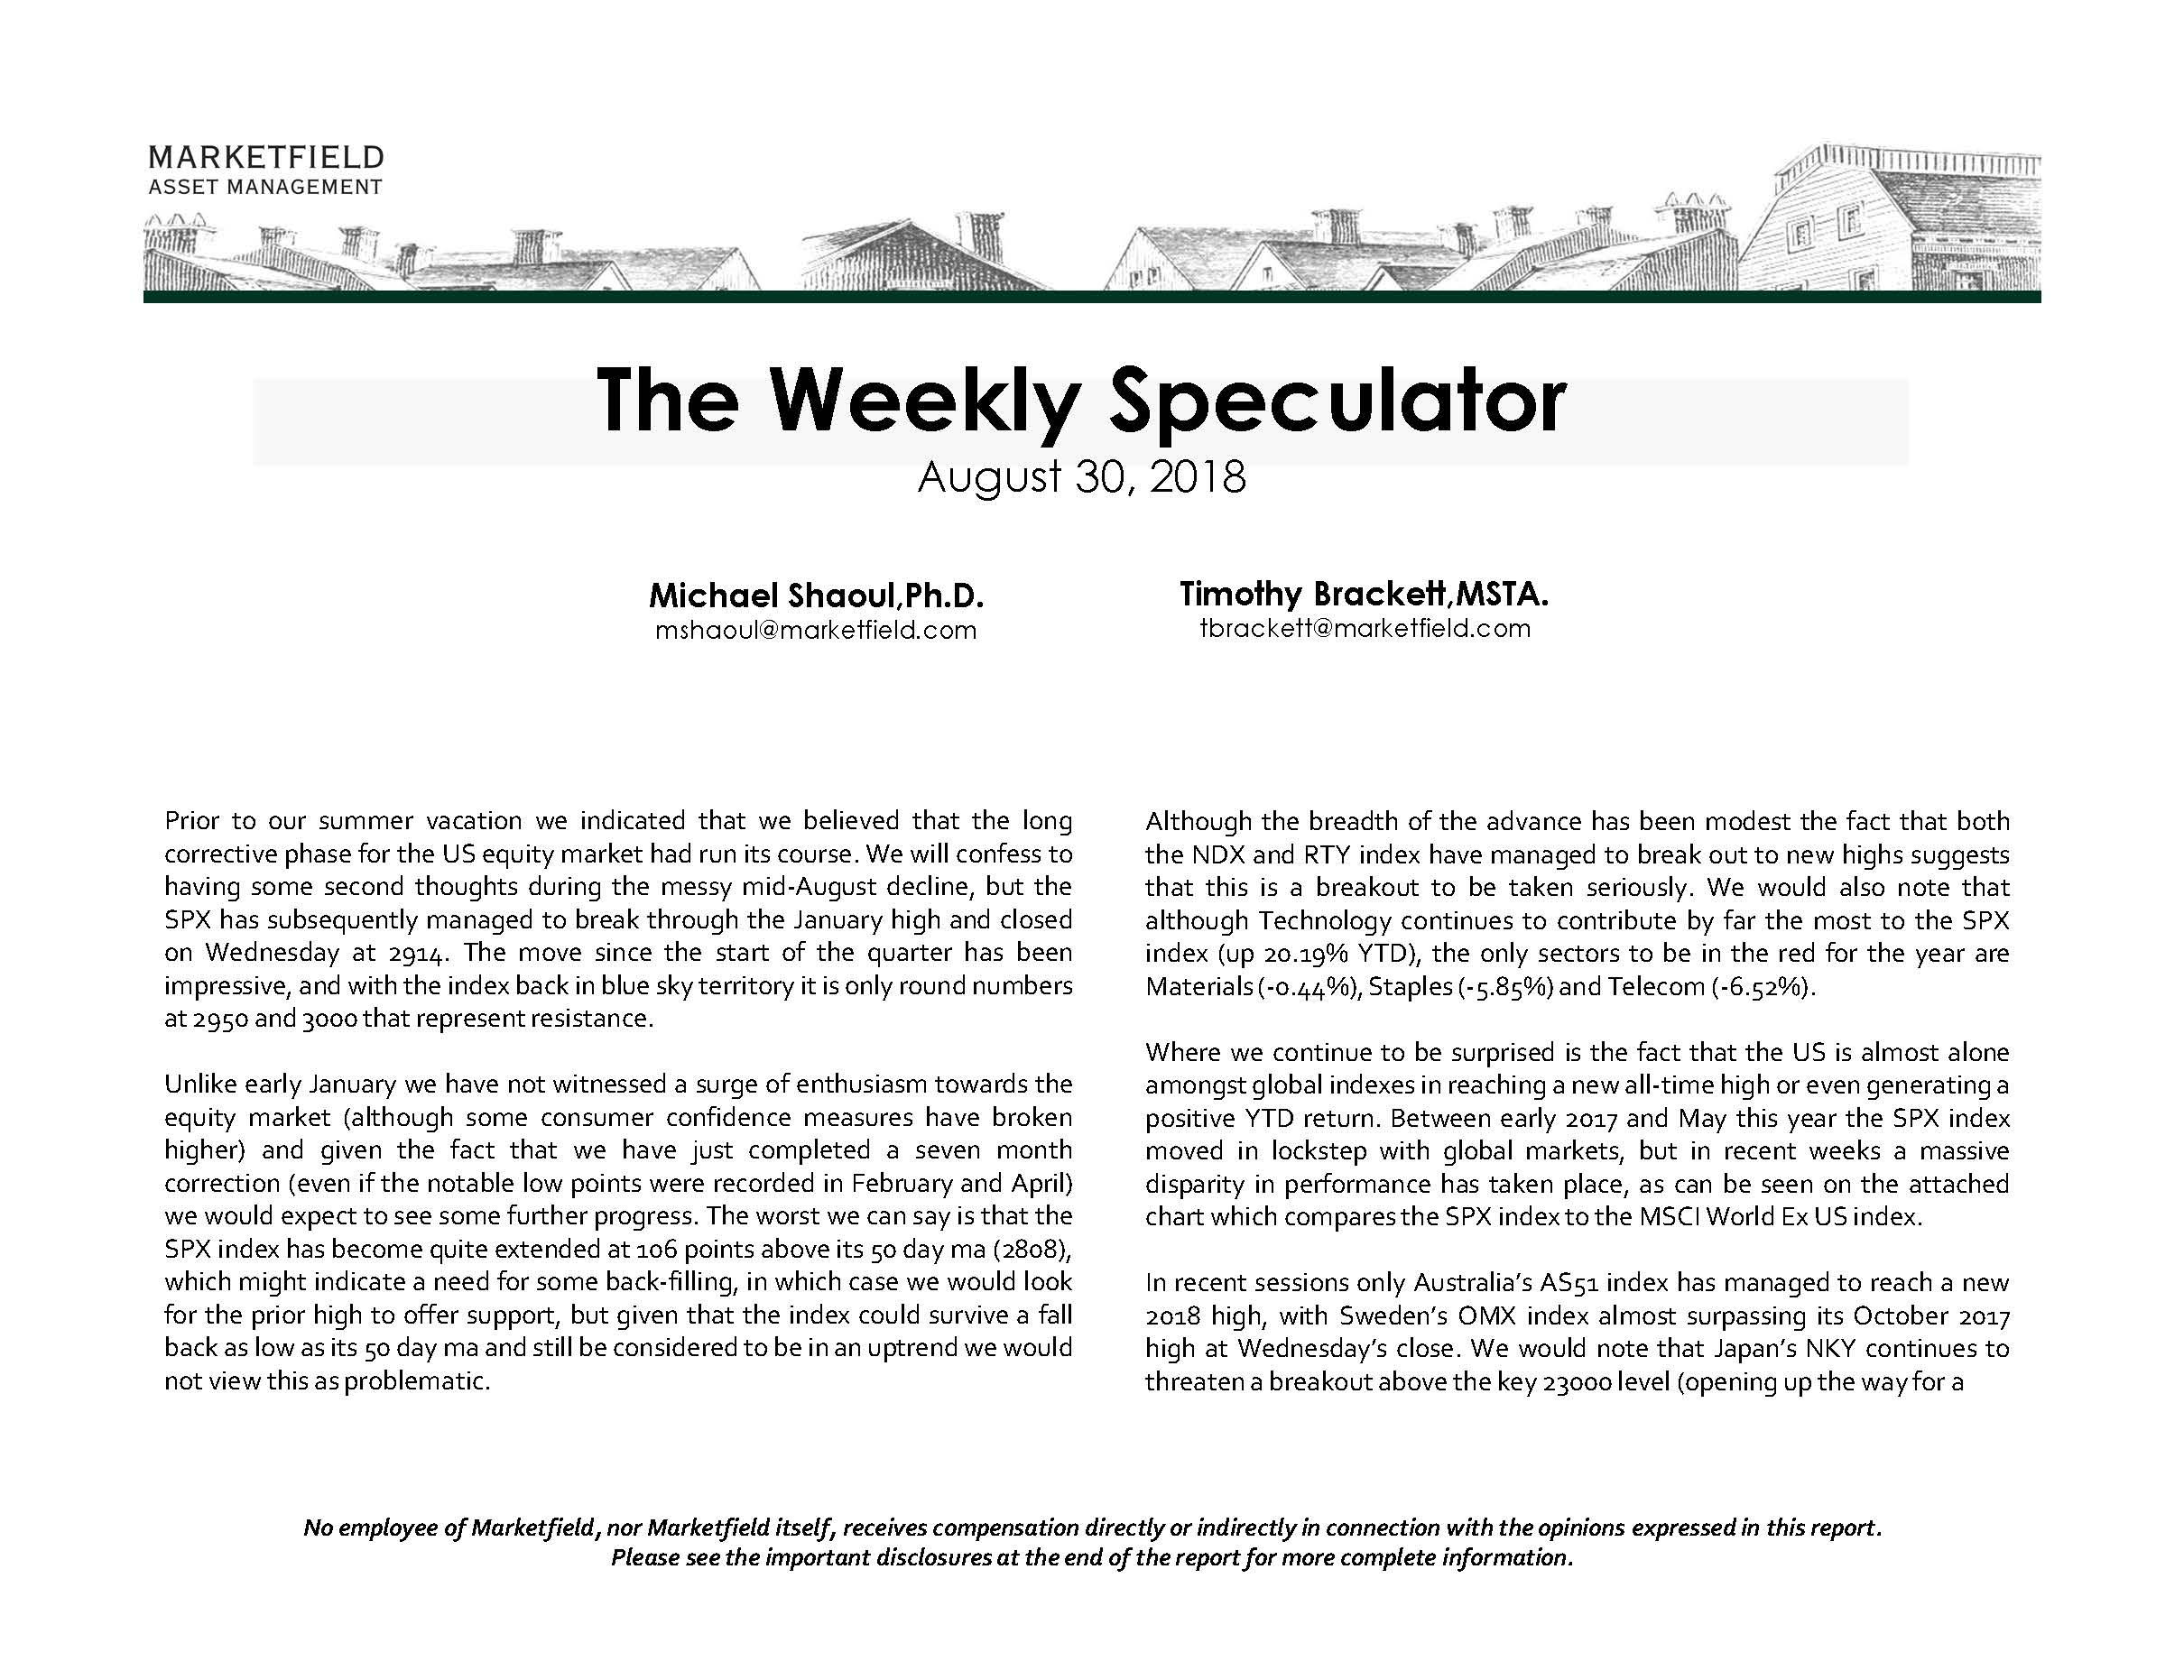 08-30-18_Weekly Speculator_Page_01.jpg